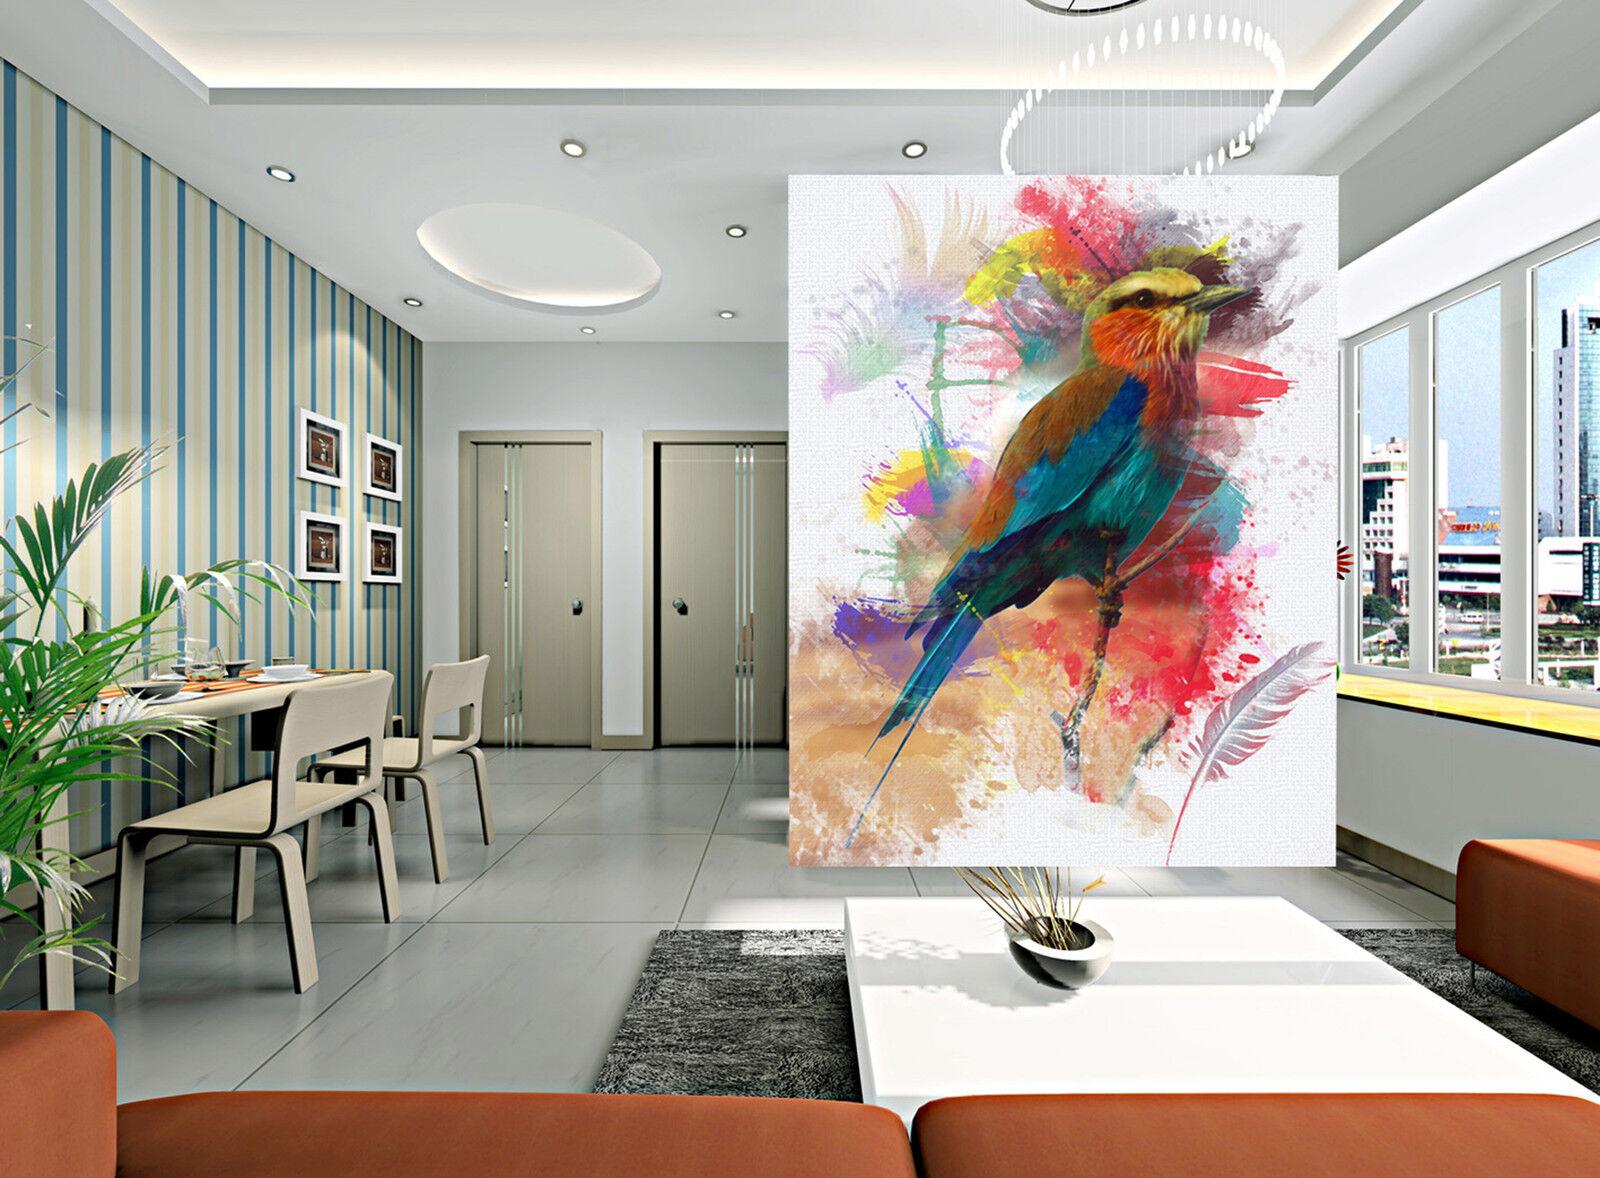 3D Painted Parrot Fototapeten Wandbild Fototapete Bild Tapete Familie Kinder